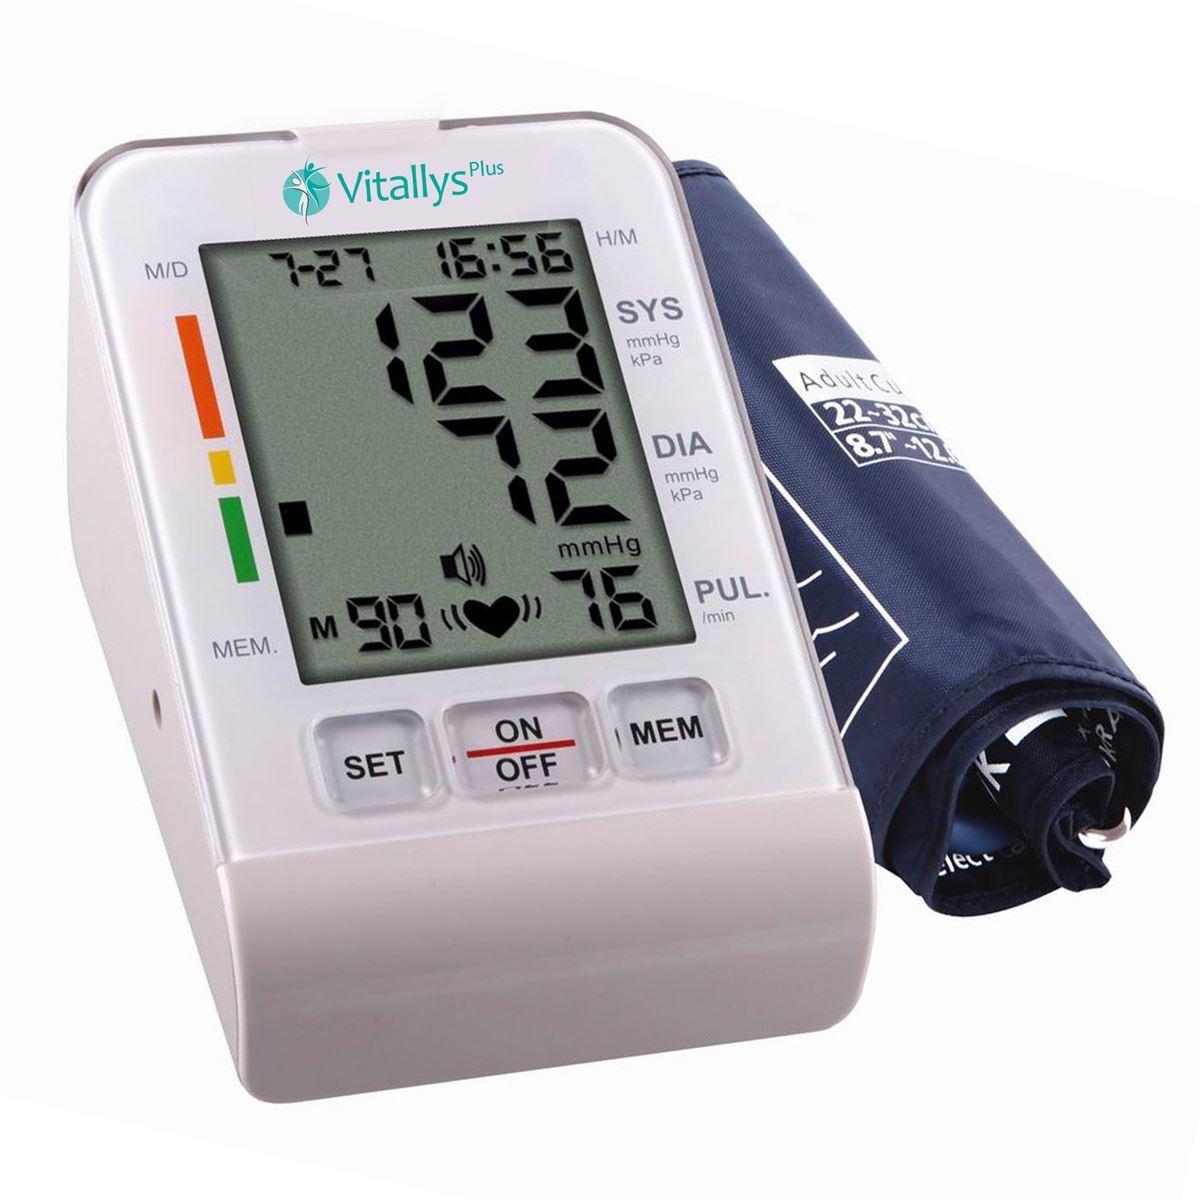 Baumanómetro vitallys vbpm-3a  - Sanborns